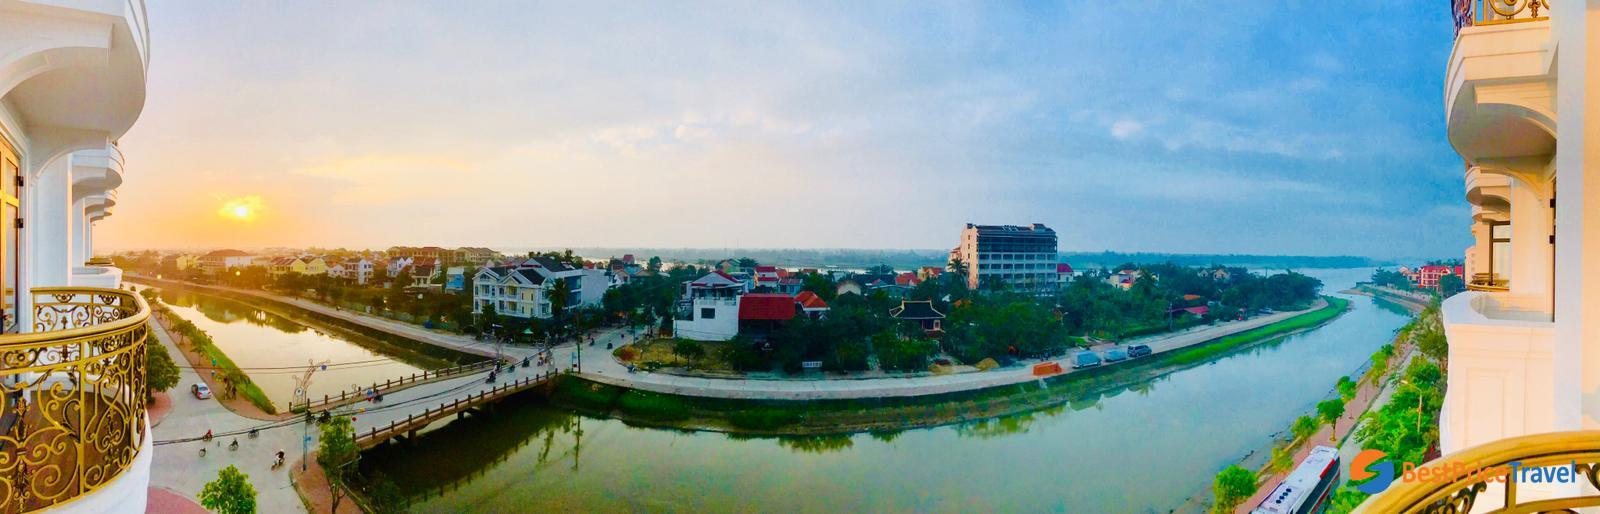 Hanoi panoramic view